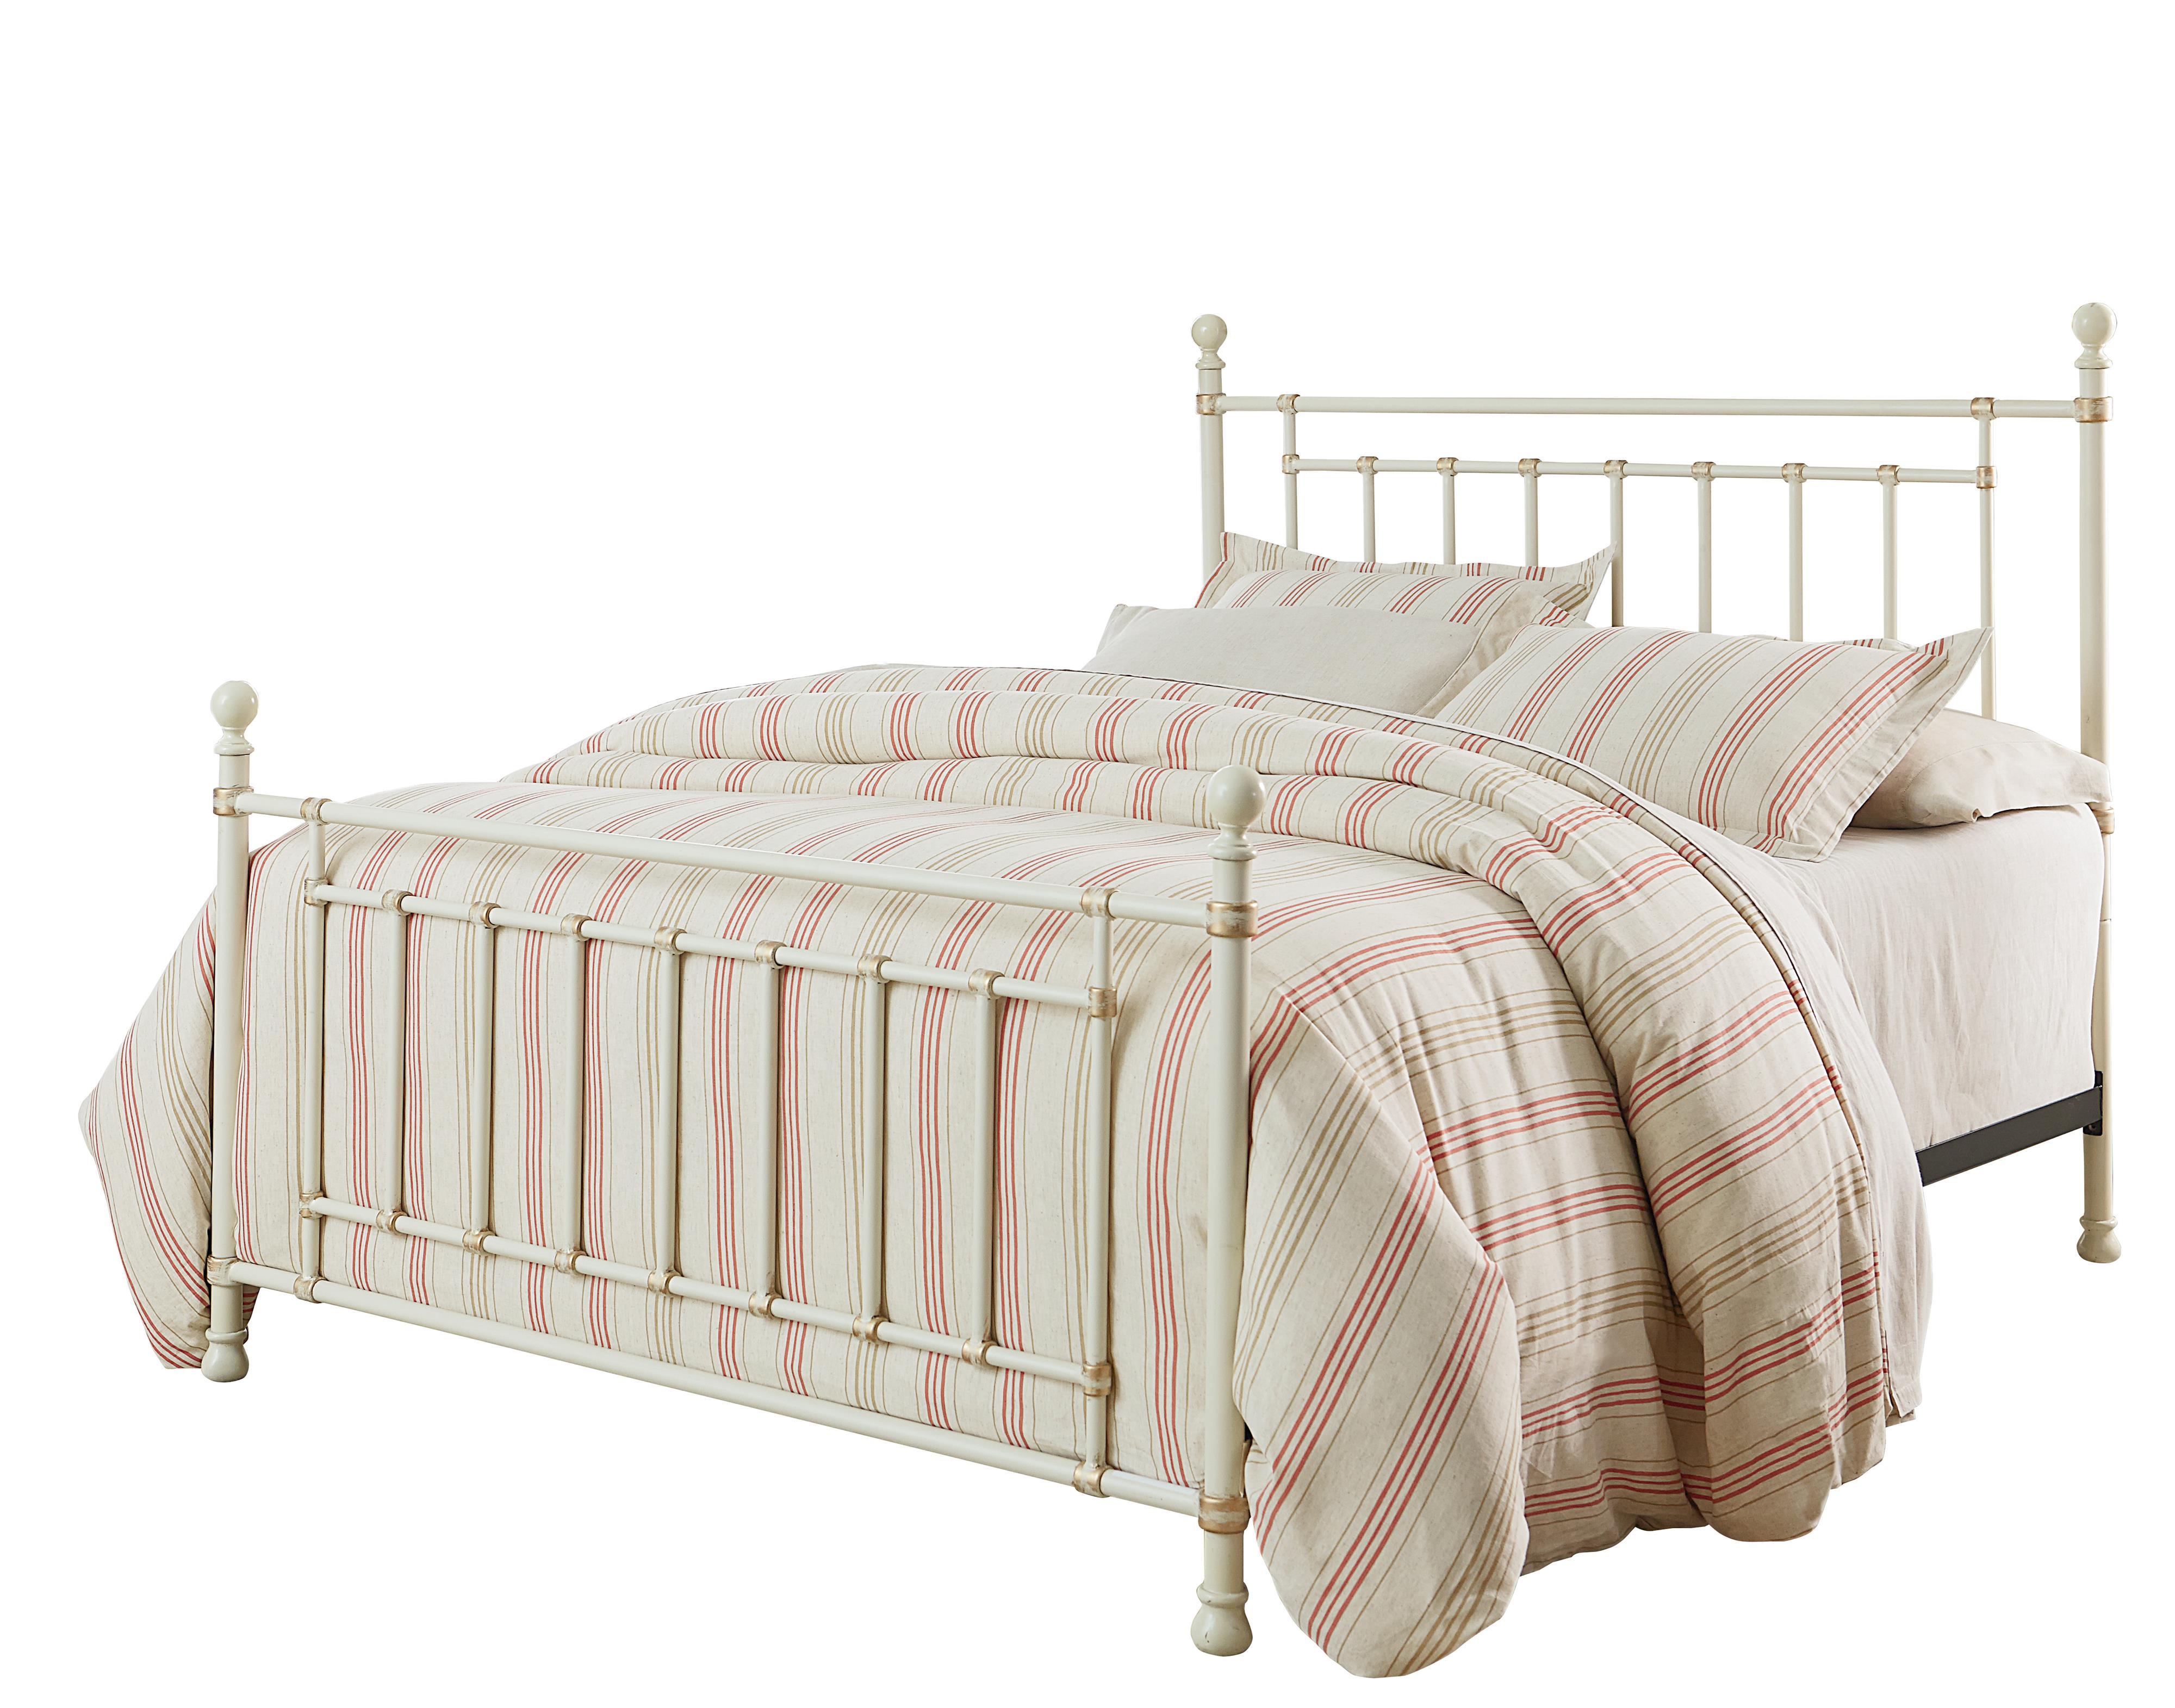 Standard Furniture Bennington White Full Bed - Item Number: 81861+62